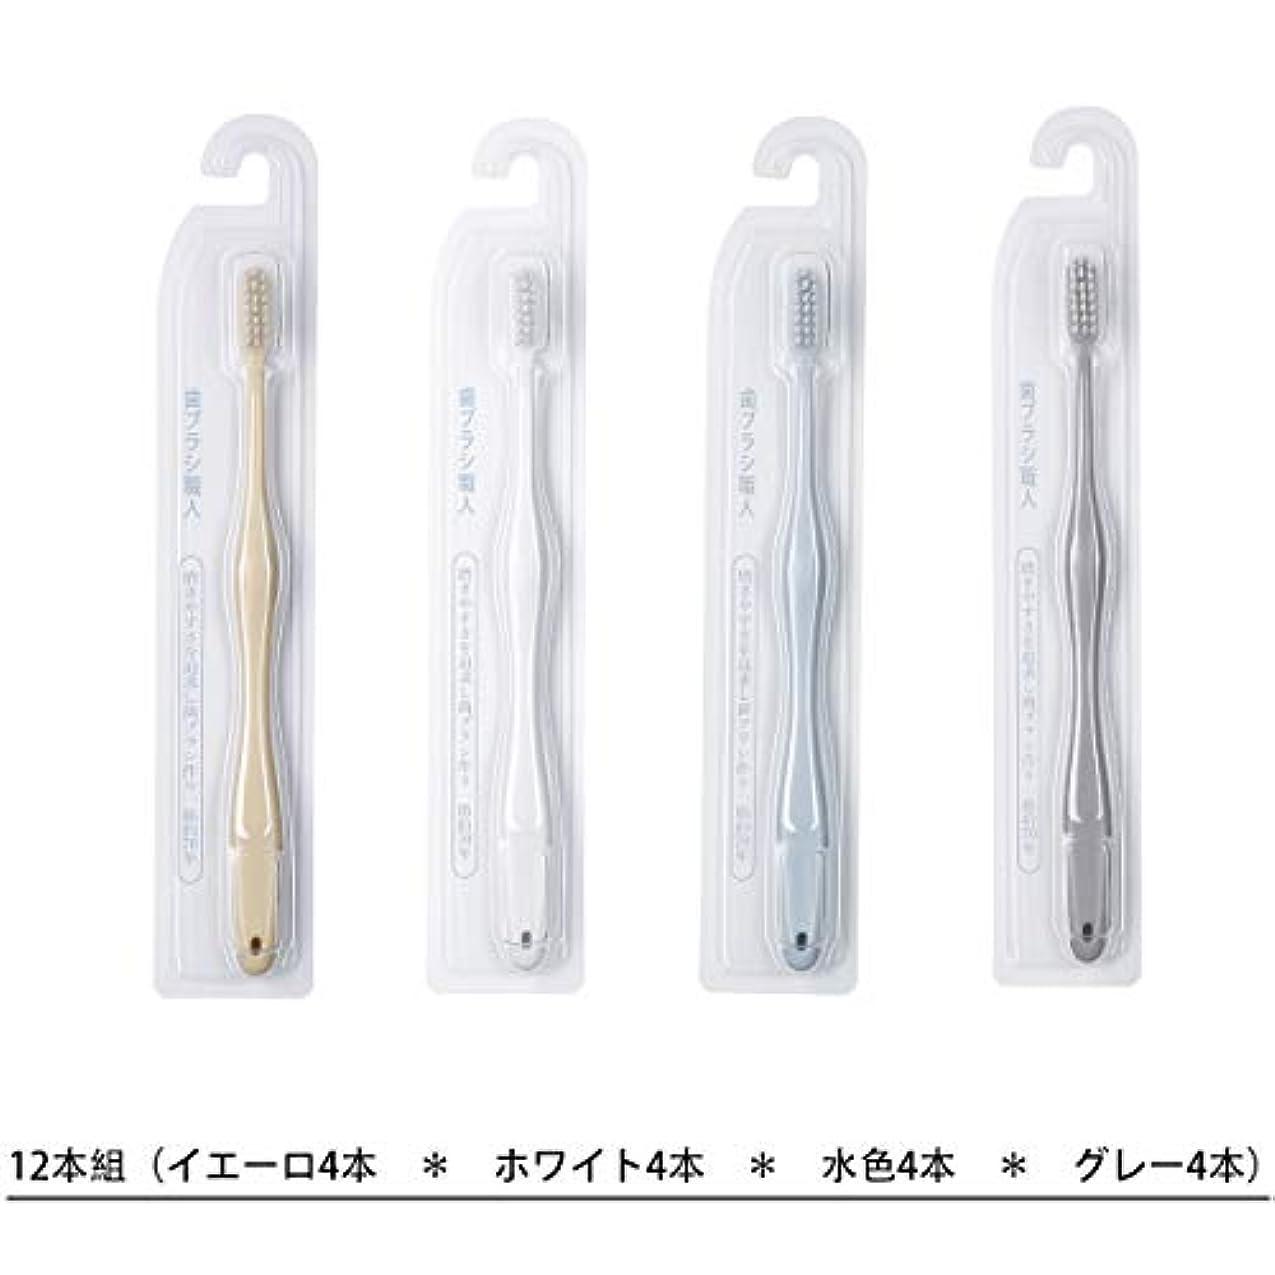 致死ピット若さ歯ブラシ職人 田辺重吉 磨きやすい歯ブラシ 極 AT-09 (12本組)